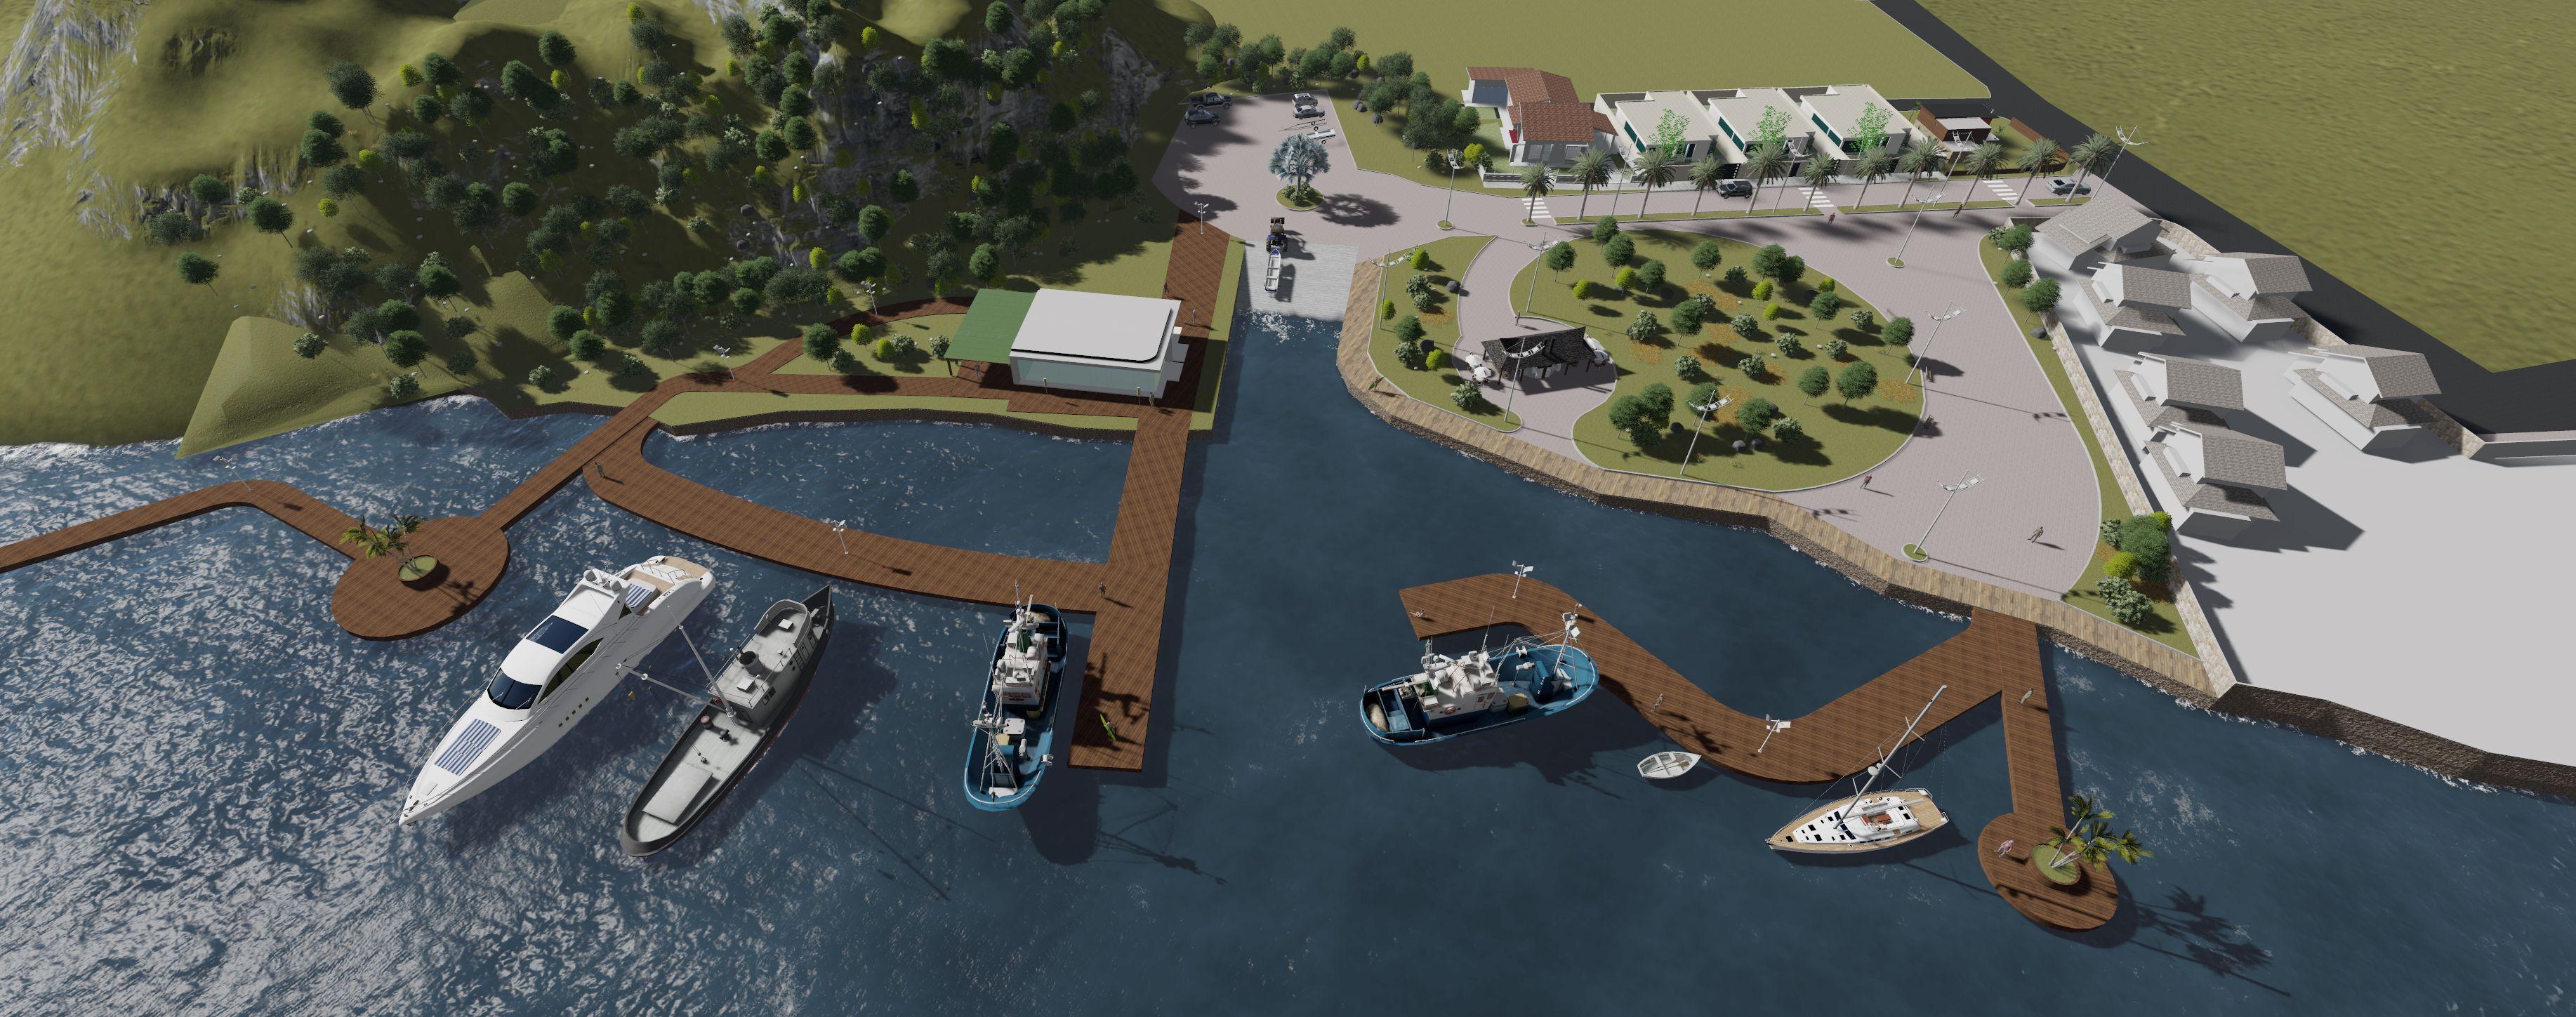 Projeto de revitalização porto da barra- implantação